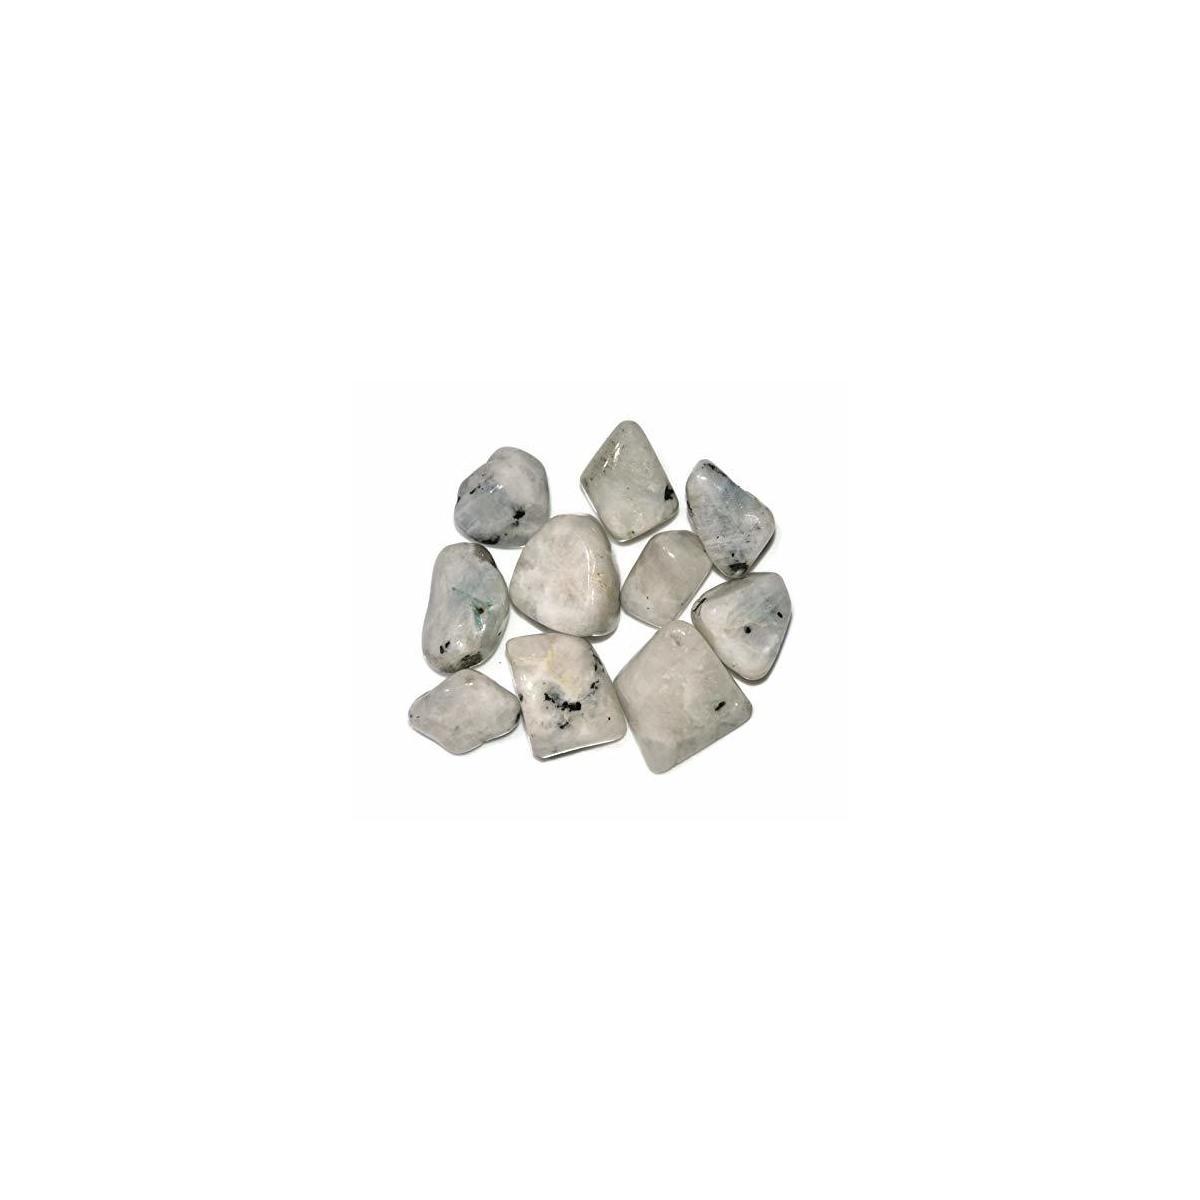 Healing Crystals India Chakra Crystals Healing Stones Natural Crystals Gemstones Spiritual Stones Reiki Healing Chakra Balancing Metaphysical Healing Polished Tumbled Stones (1, Rainbow Moonstone)